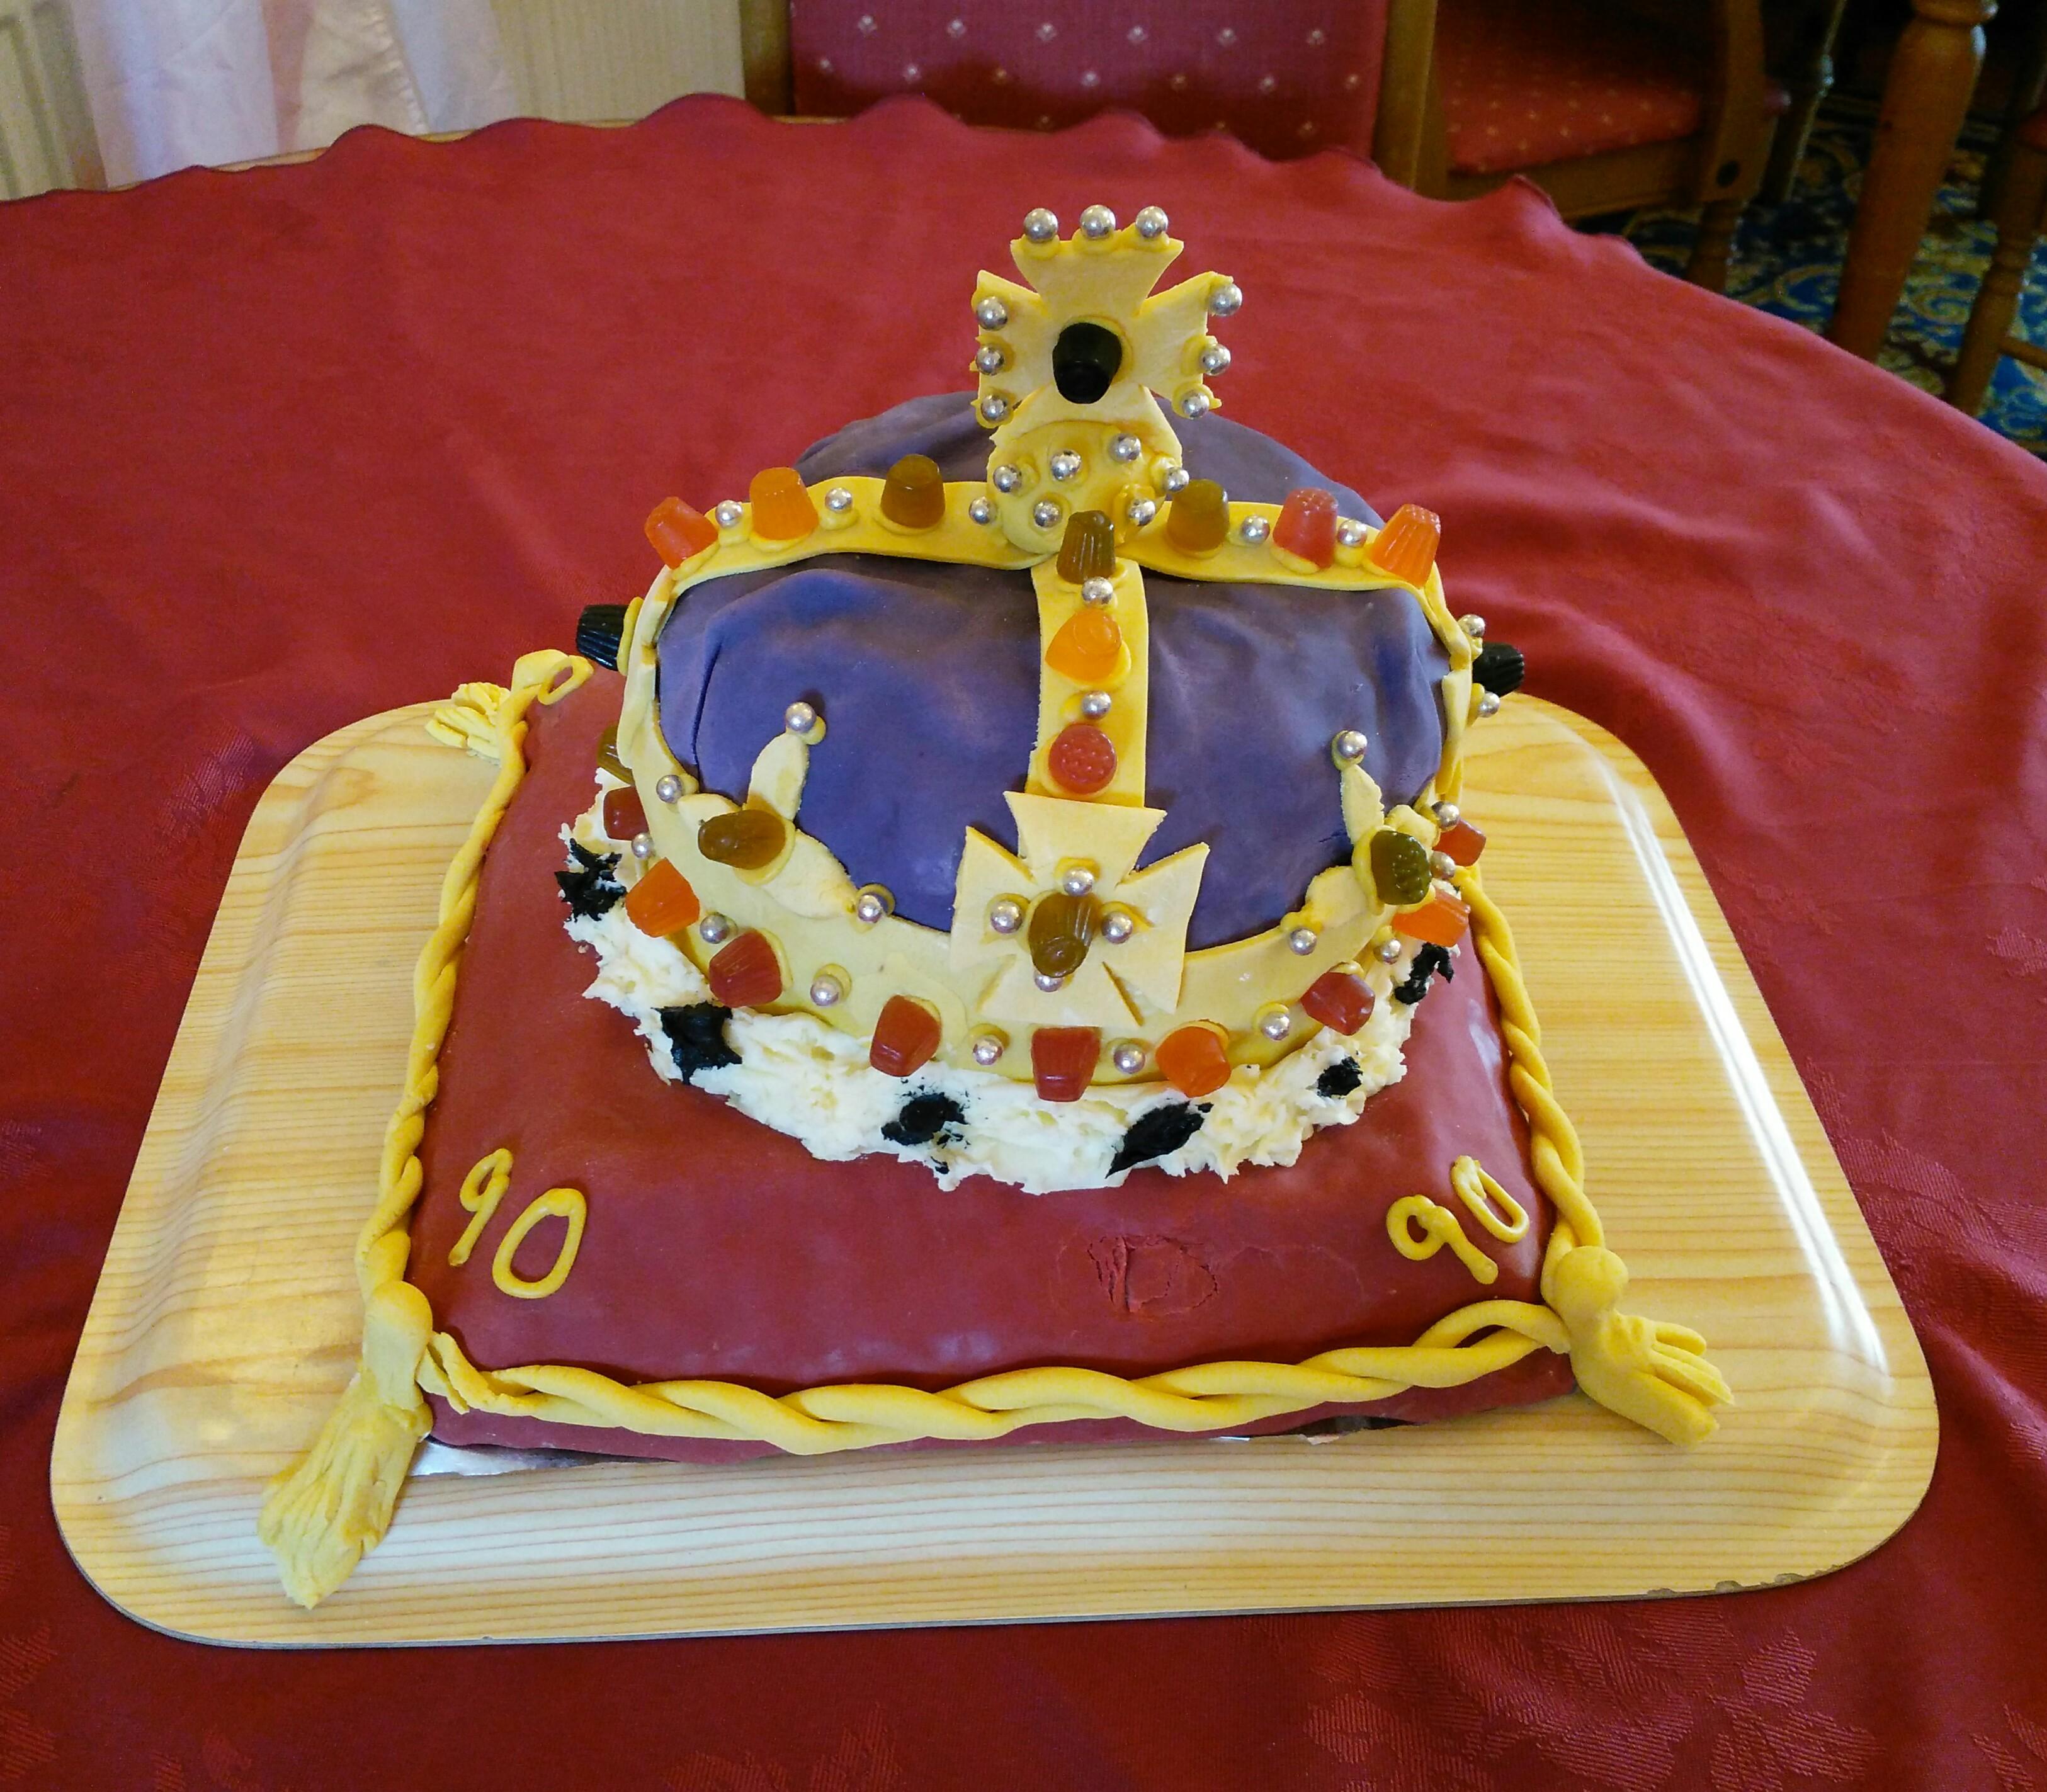 Happy Birthday, Your Majesty!